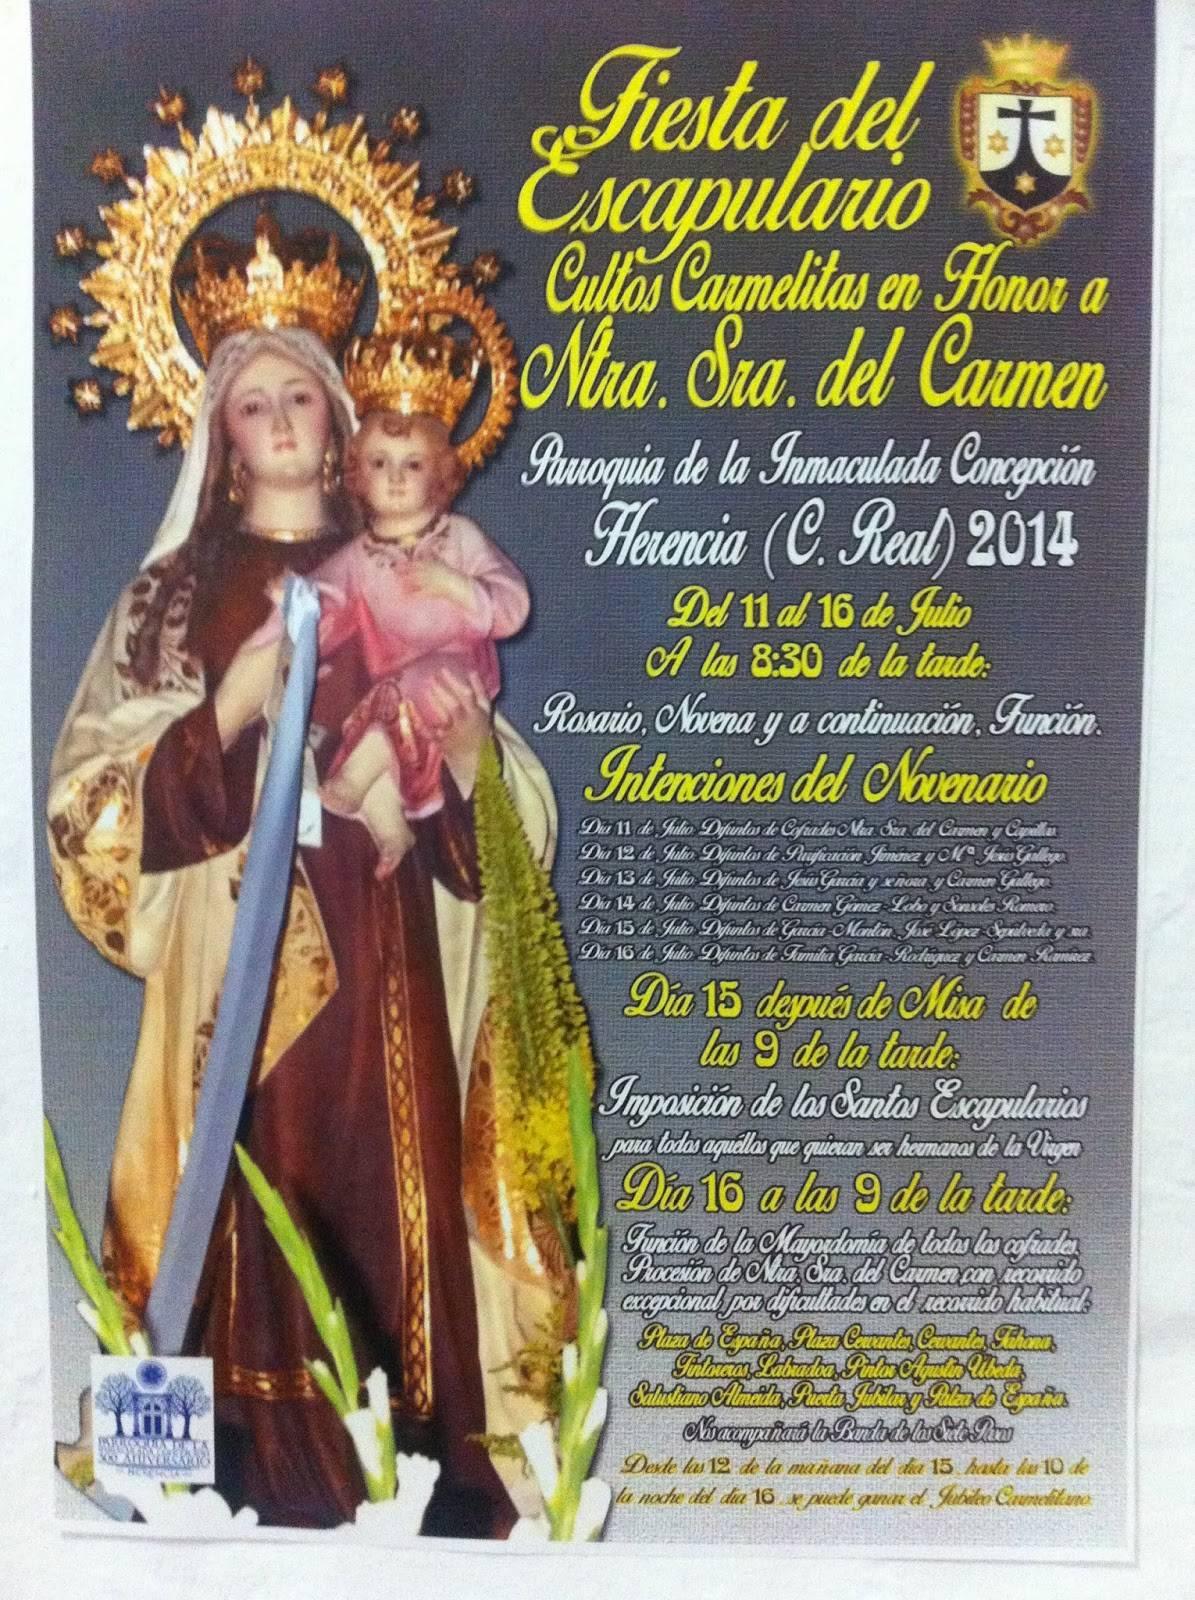 Quinario Virgen del Carmen - Todo preparado para celebrar la festividad de la Virgen del Carmen